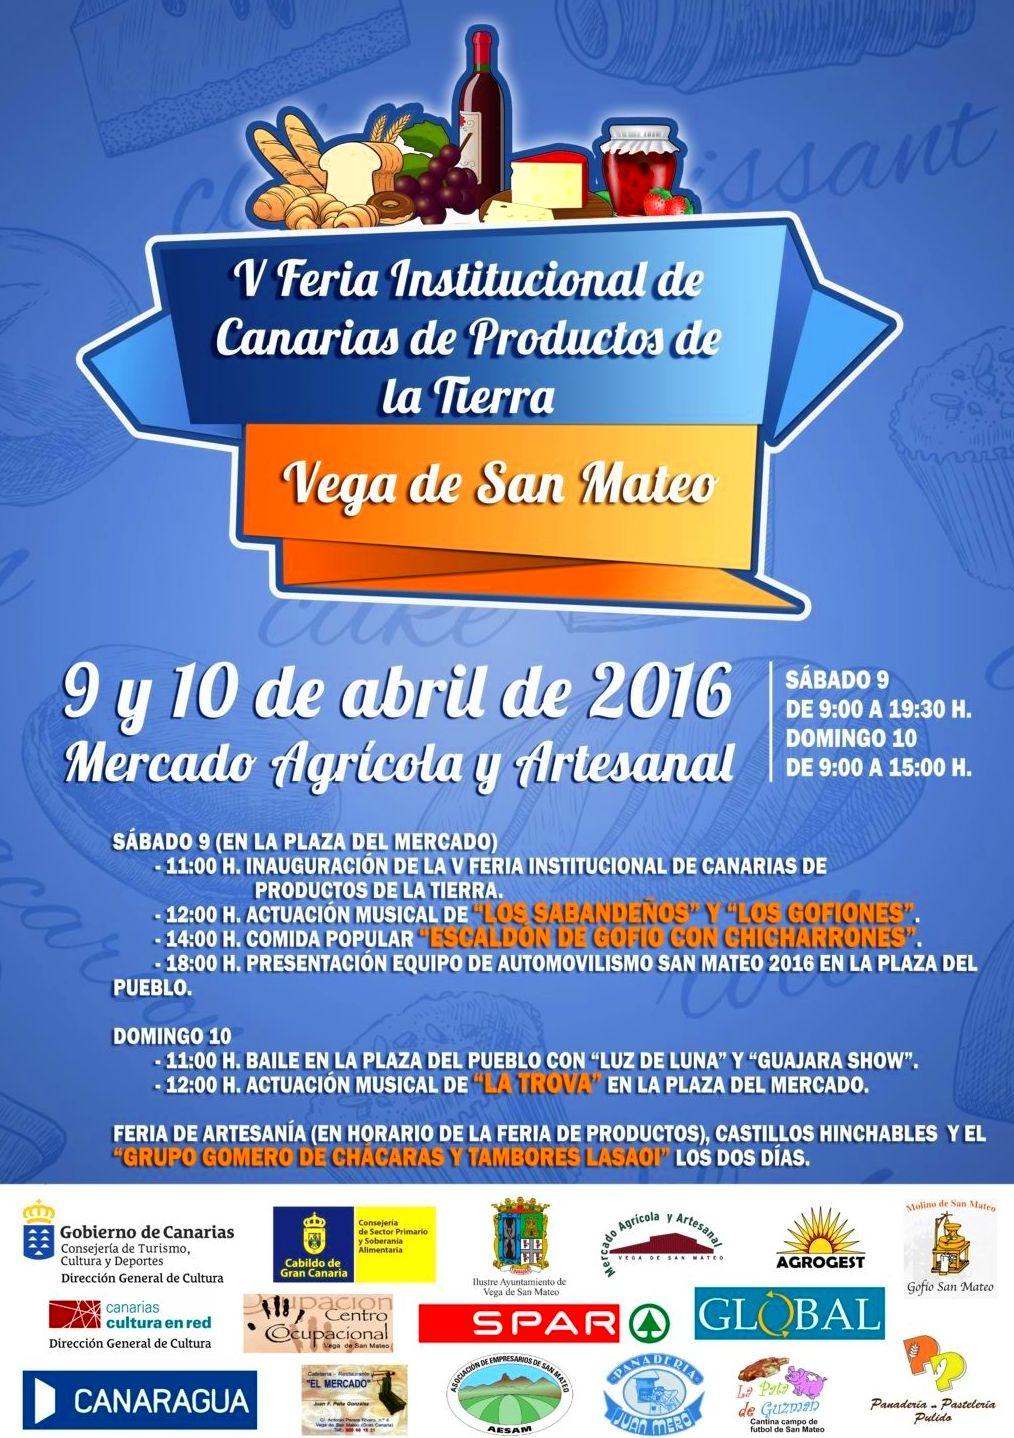 Feria institucional de Canarias de Productos de la Tierra